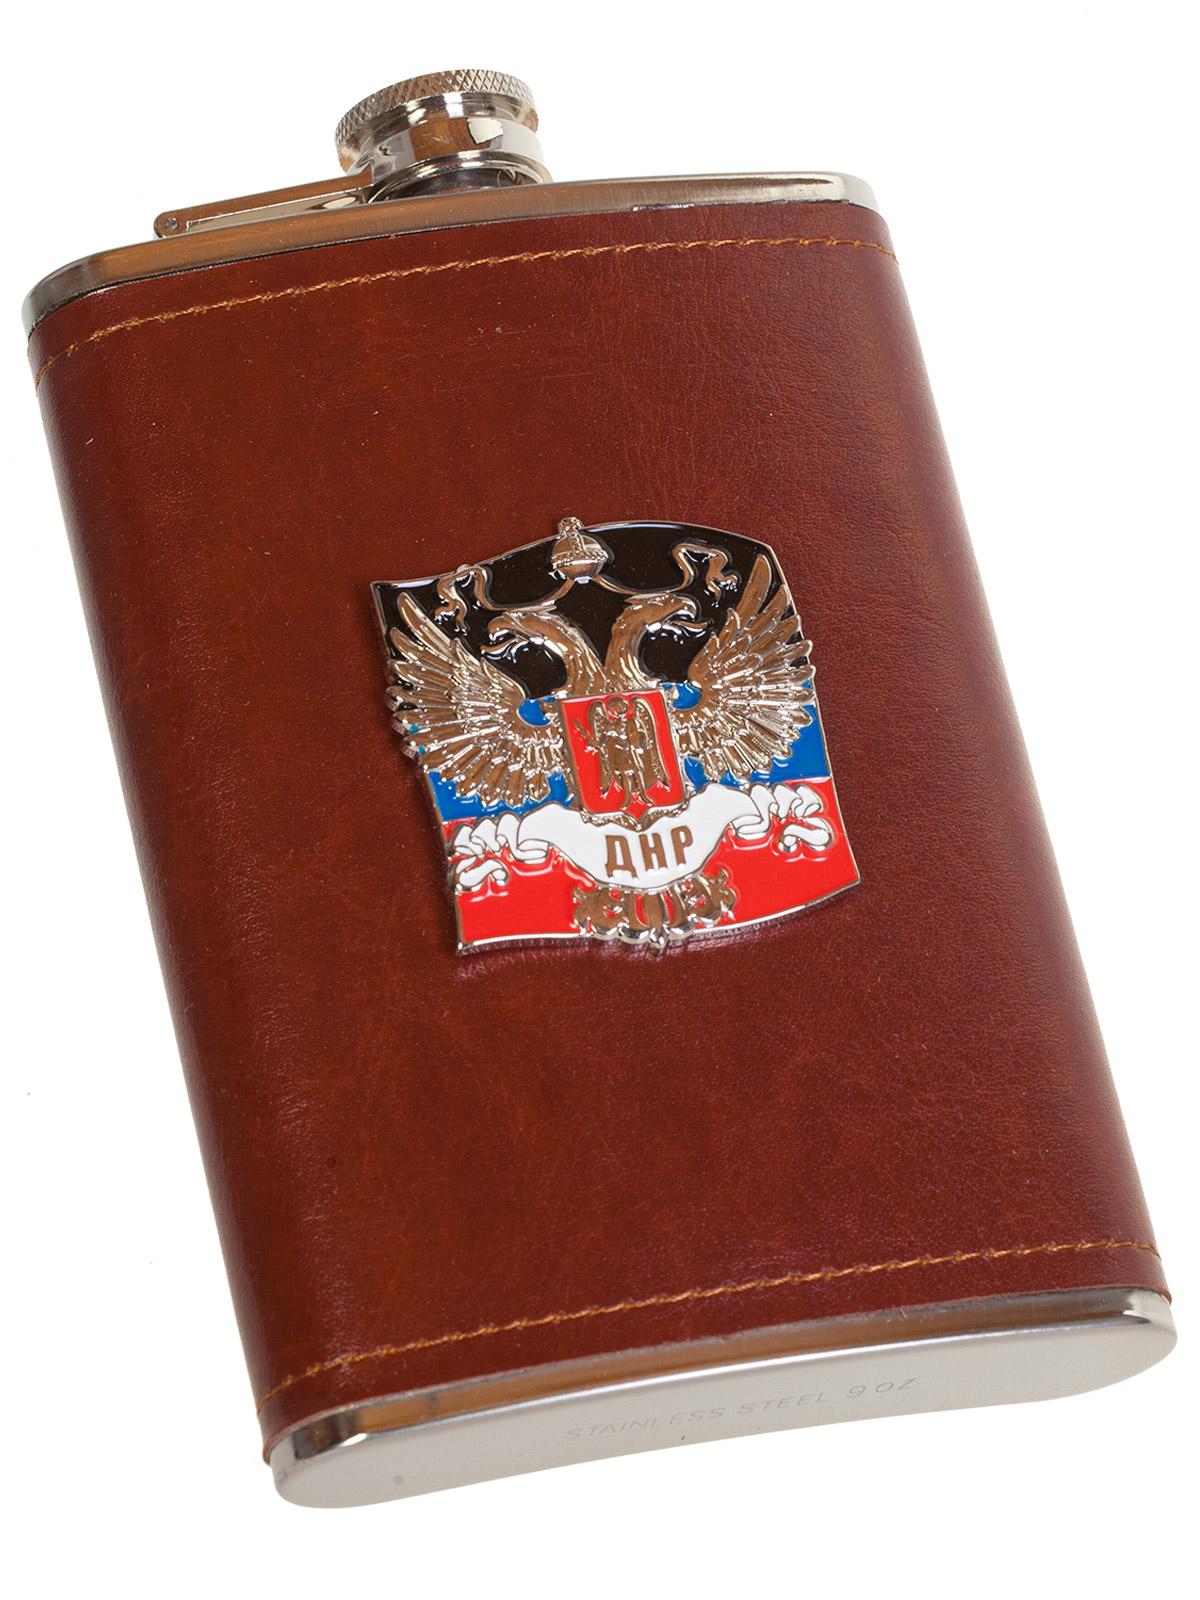 Плоская нержавеющая фляжка в чехле с накладкой ДНР - купить онлайн